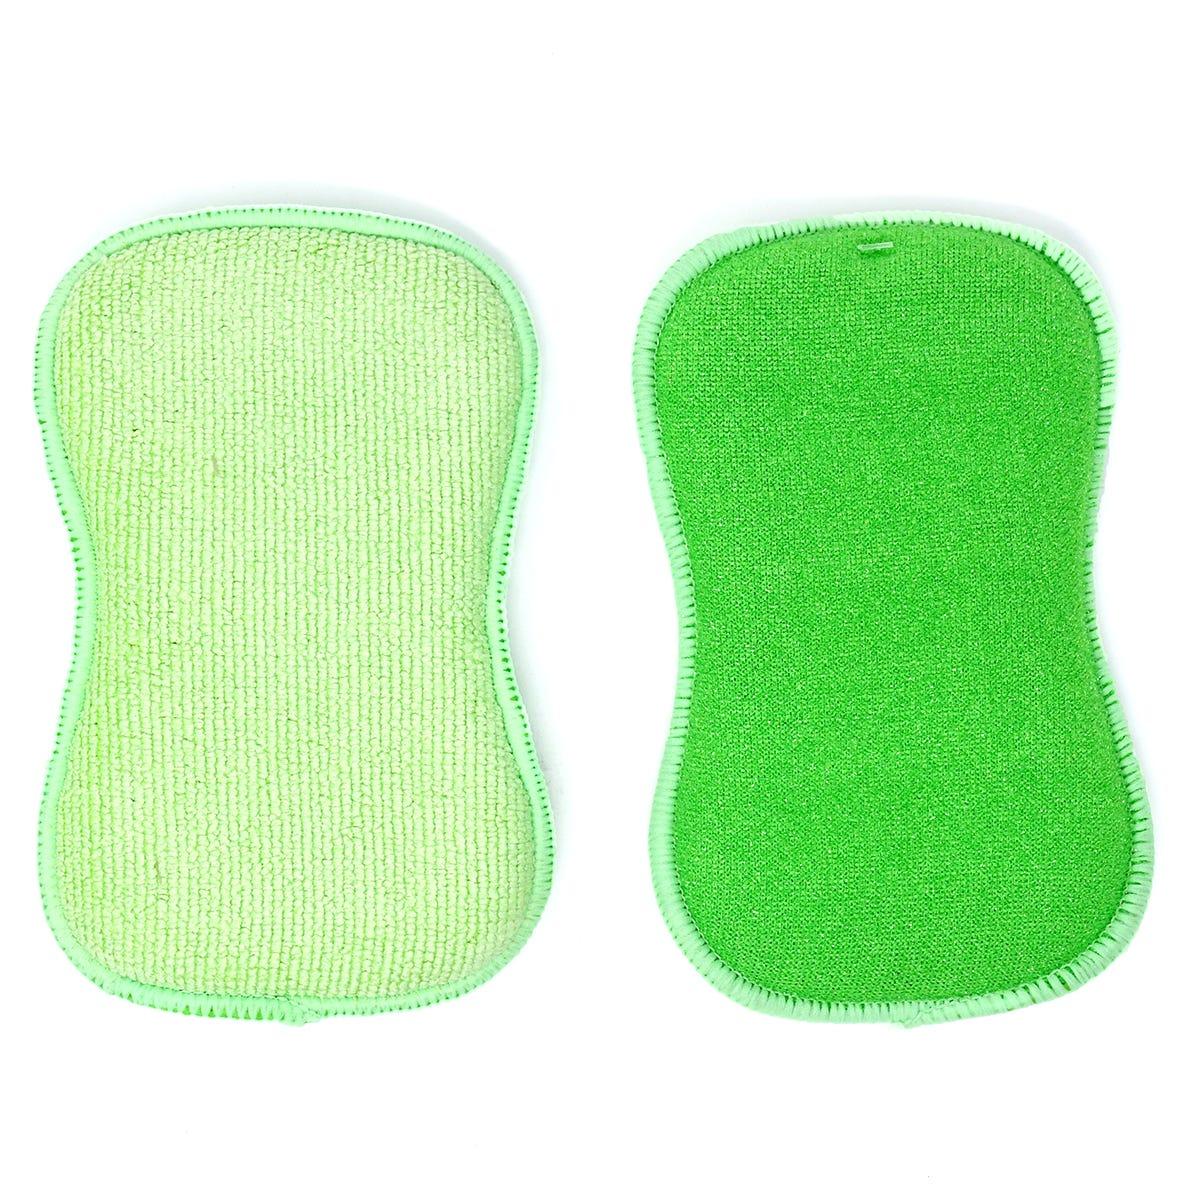 Esponja resistente para limpiar